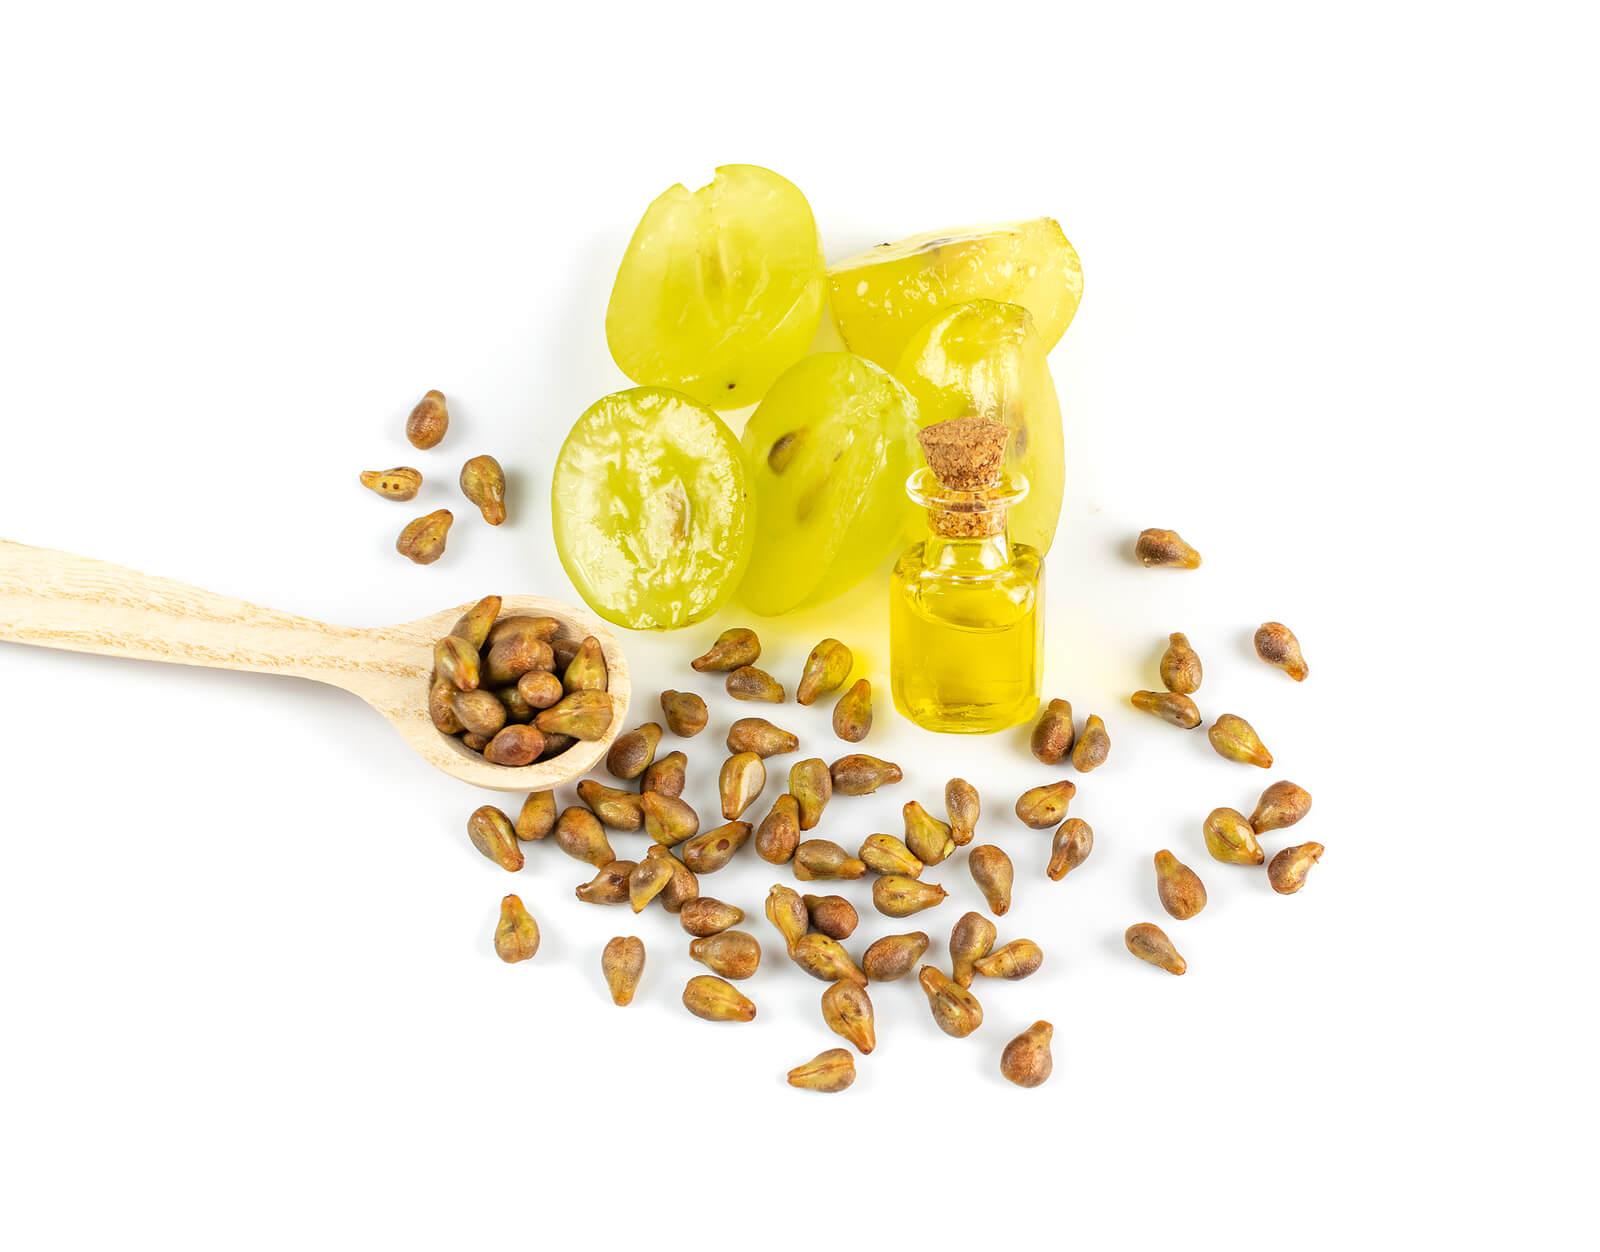 Beneficios de las semillas de uva para la salud y piel